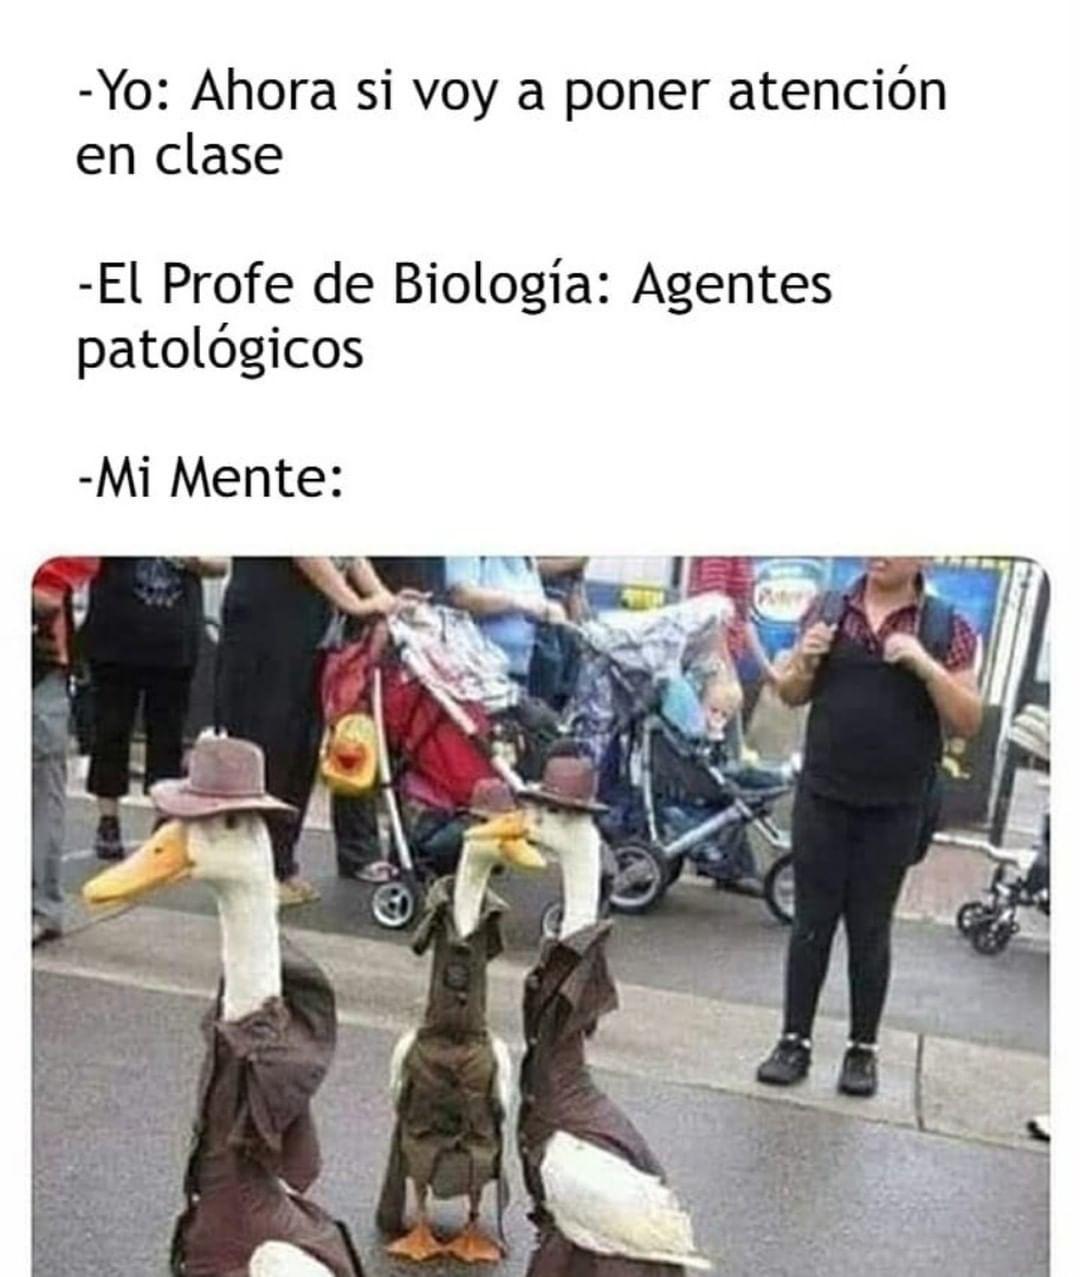 Yo: ahora sí voy a poner atención en clase.  El profe de biología: agentes patológicos.  Mi mente: